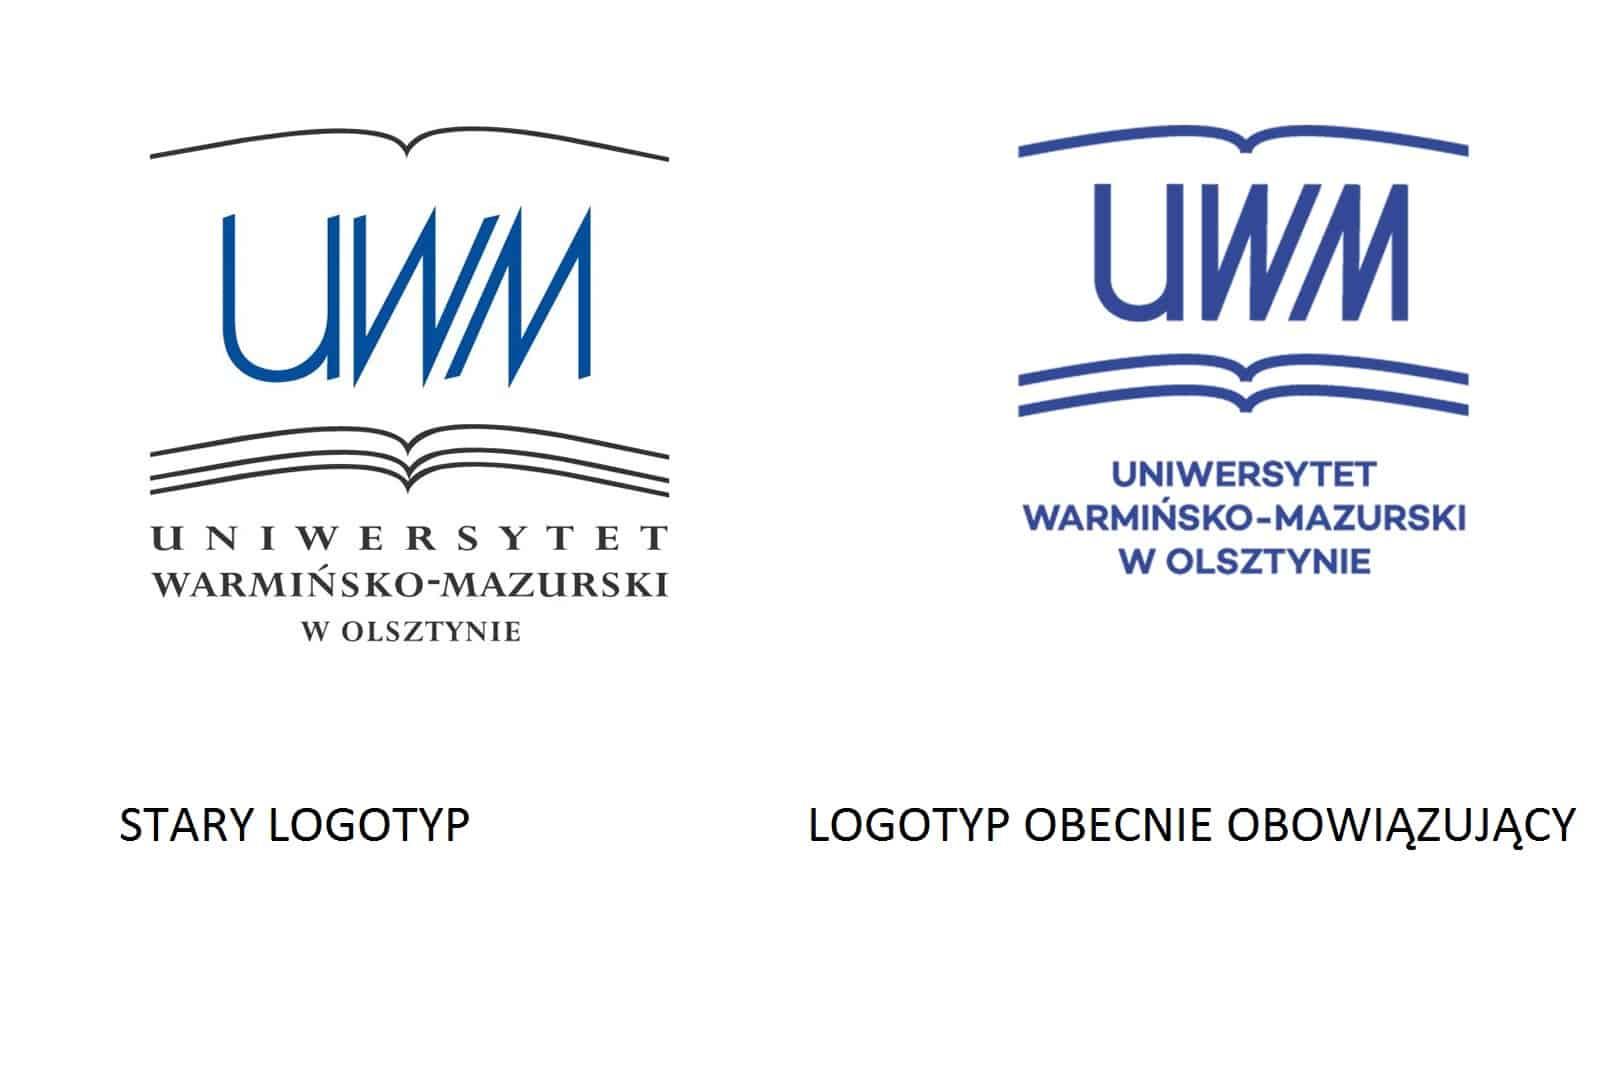 logo-uwm-obarek-2